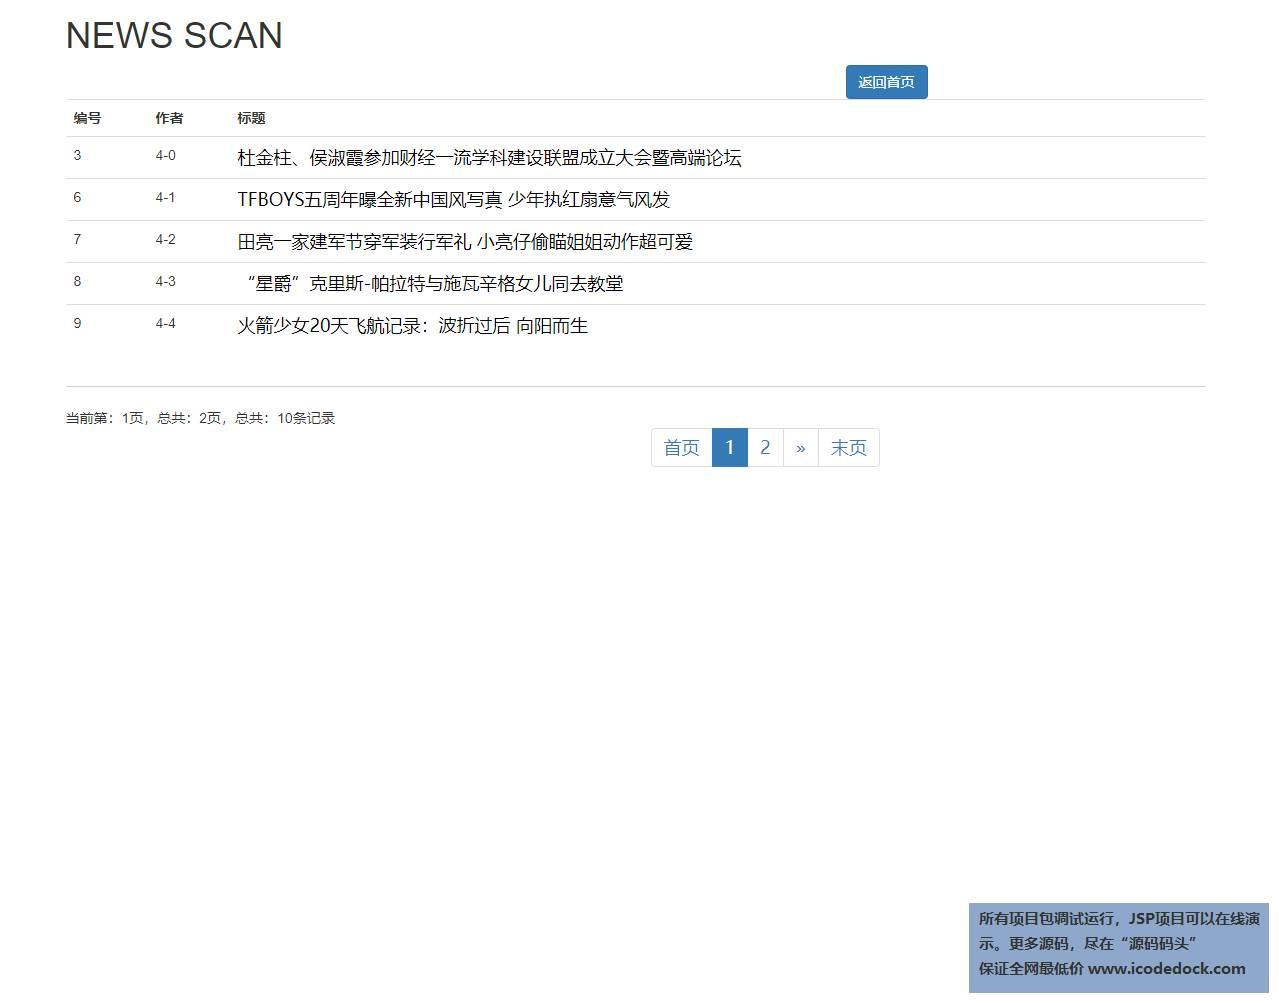 源码码头-SSM新闻网站管理系统-用户角色-新闻分类查看